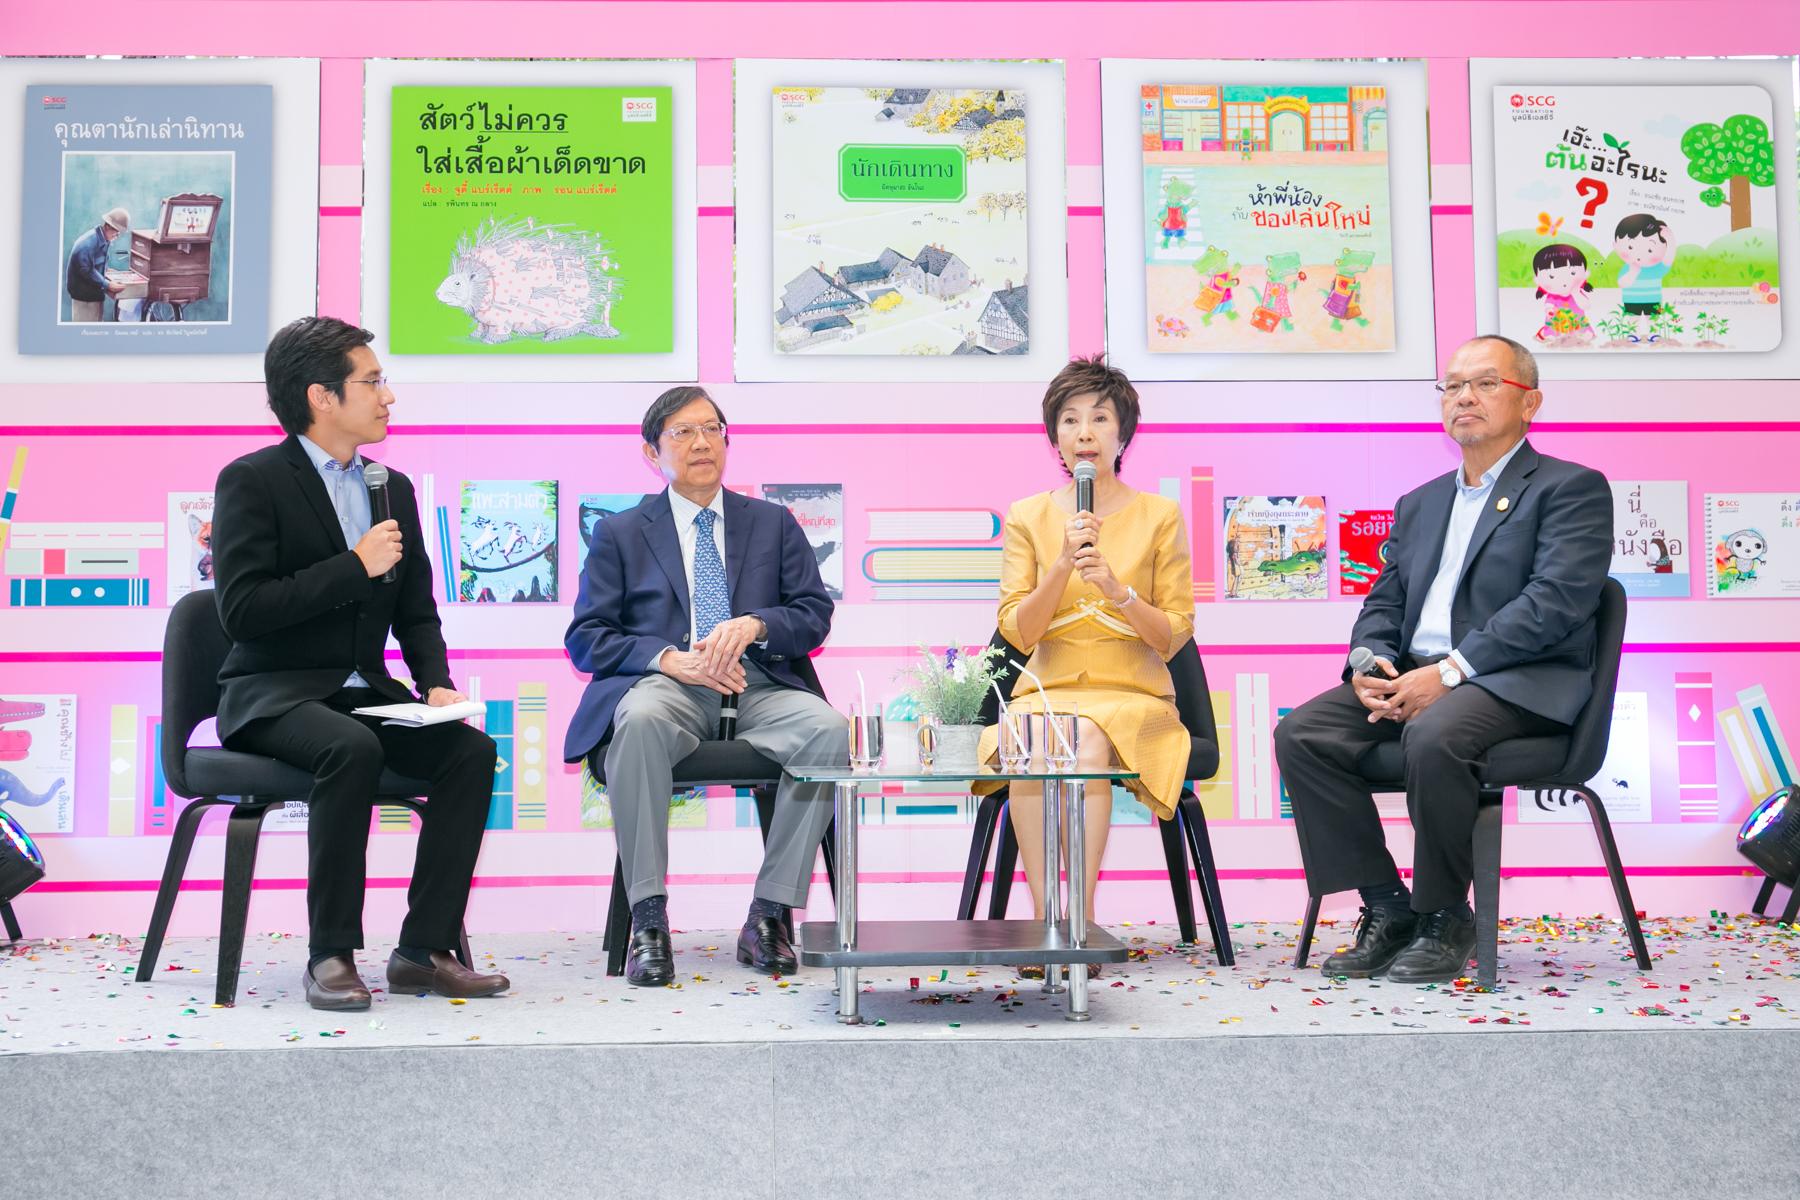 มูลนิธิเอสซีจี เปิดตัวหนังสือภาพในโครงการนำหนังสือดีสู่เด็กไทยปีที่ 8